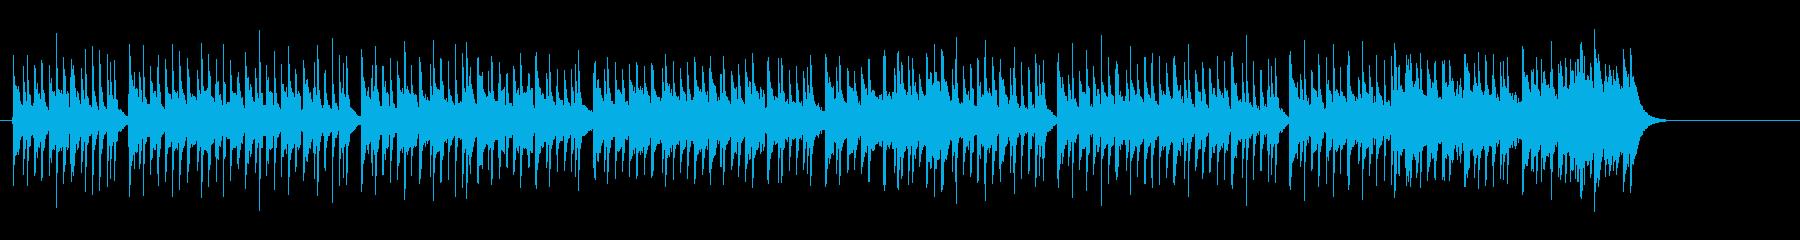 淡白なエレクトリック・ポップスの再生済みの波形